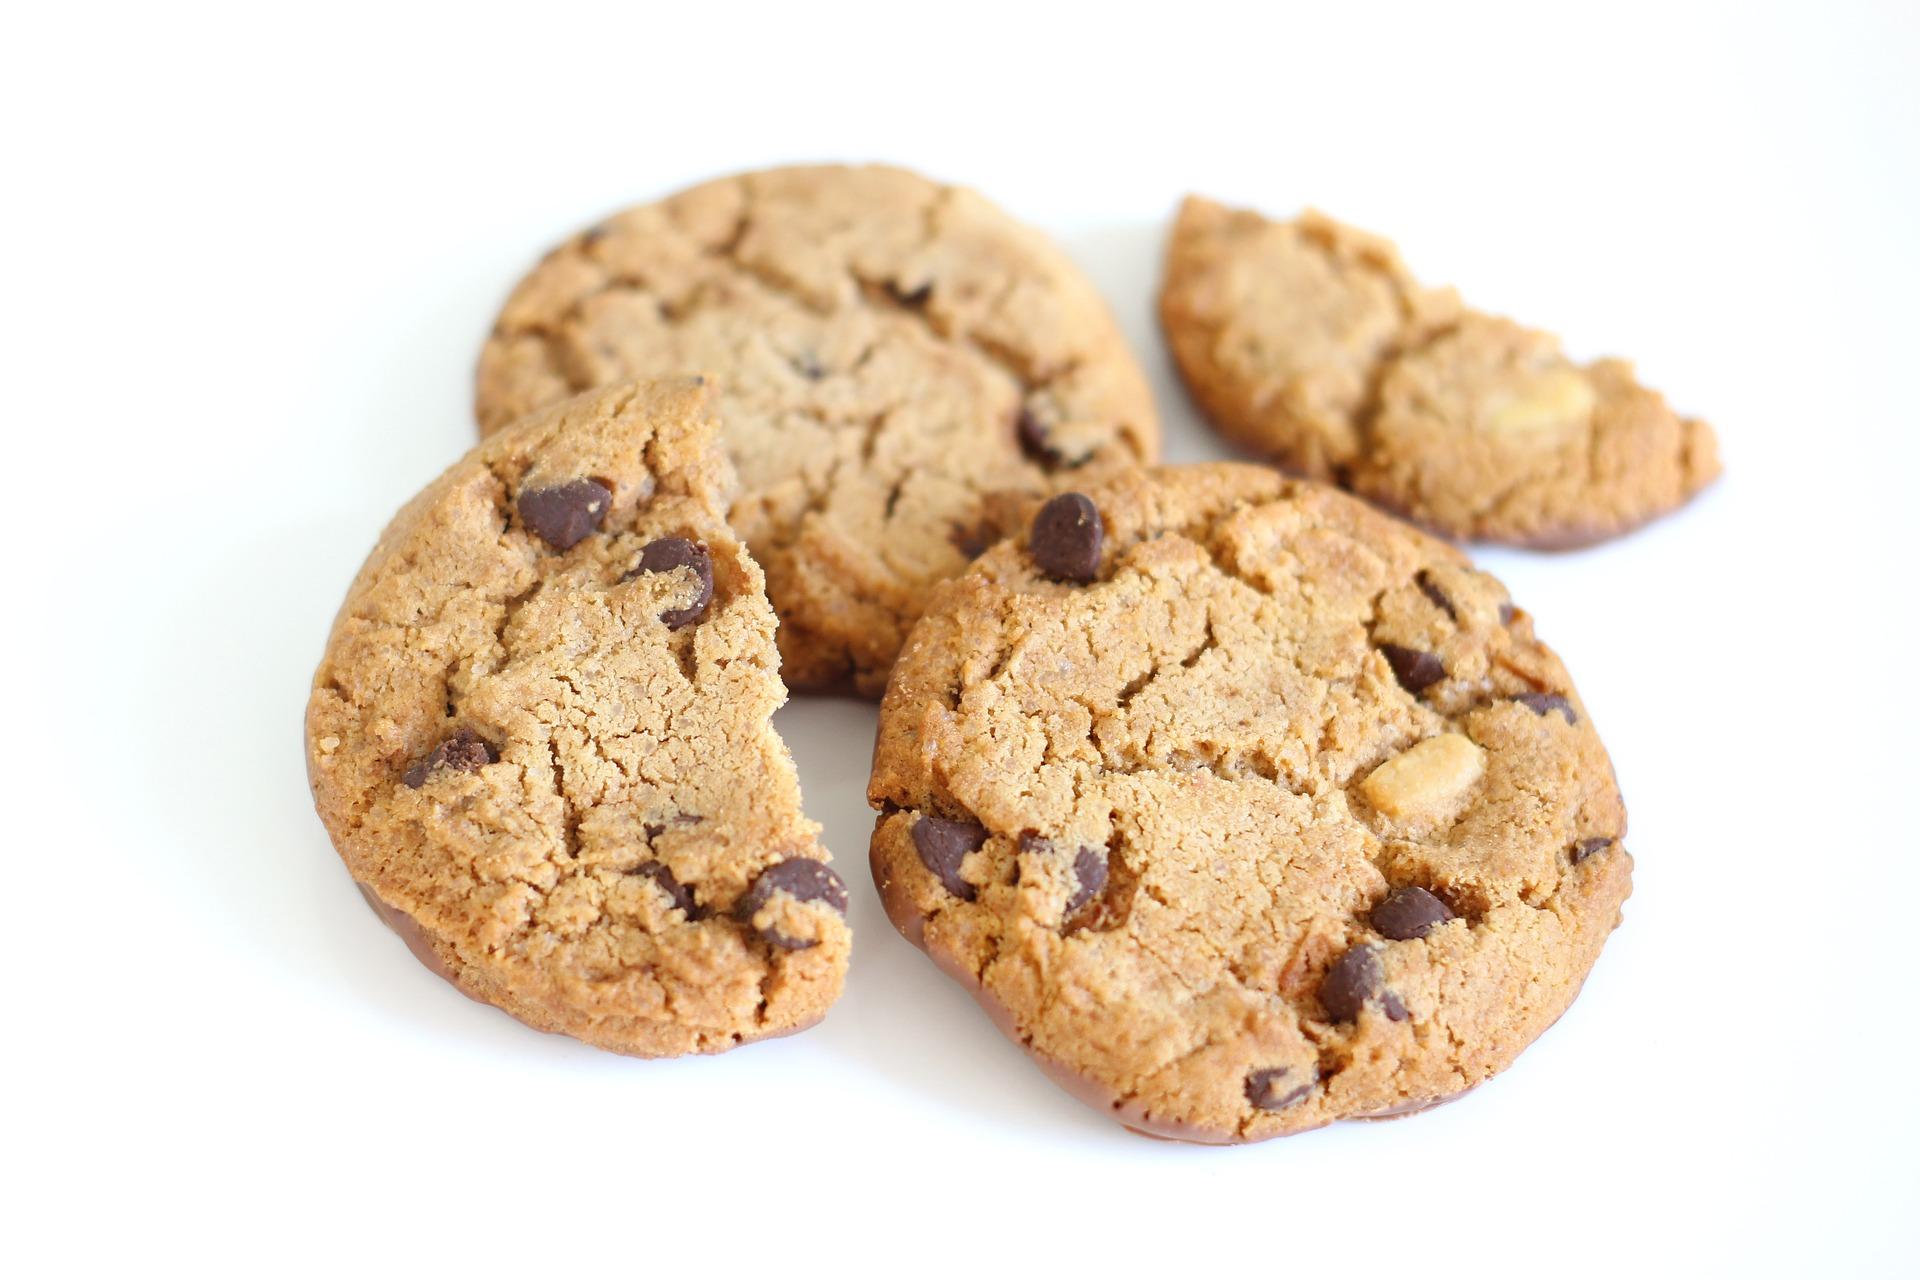 ¿Qué son las cookies y porqué se utilizan?